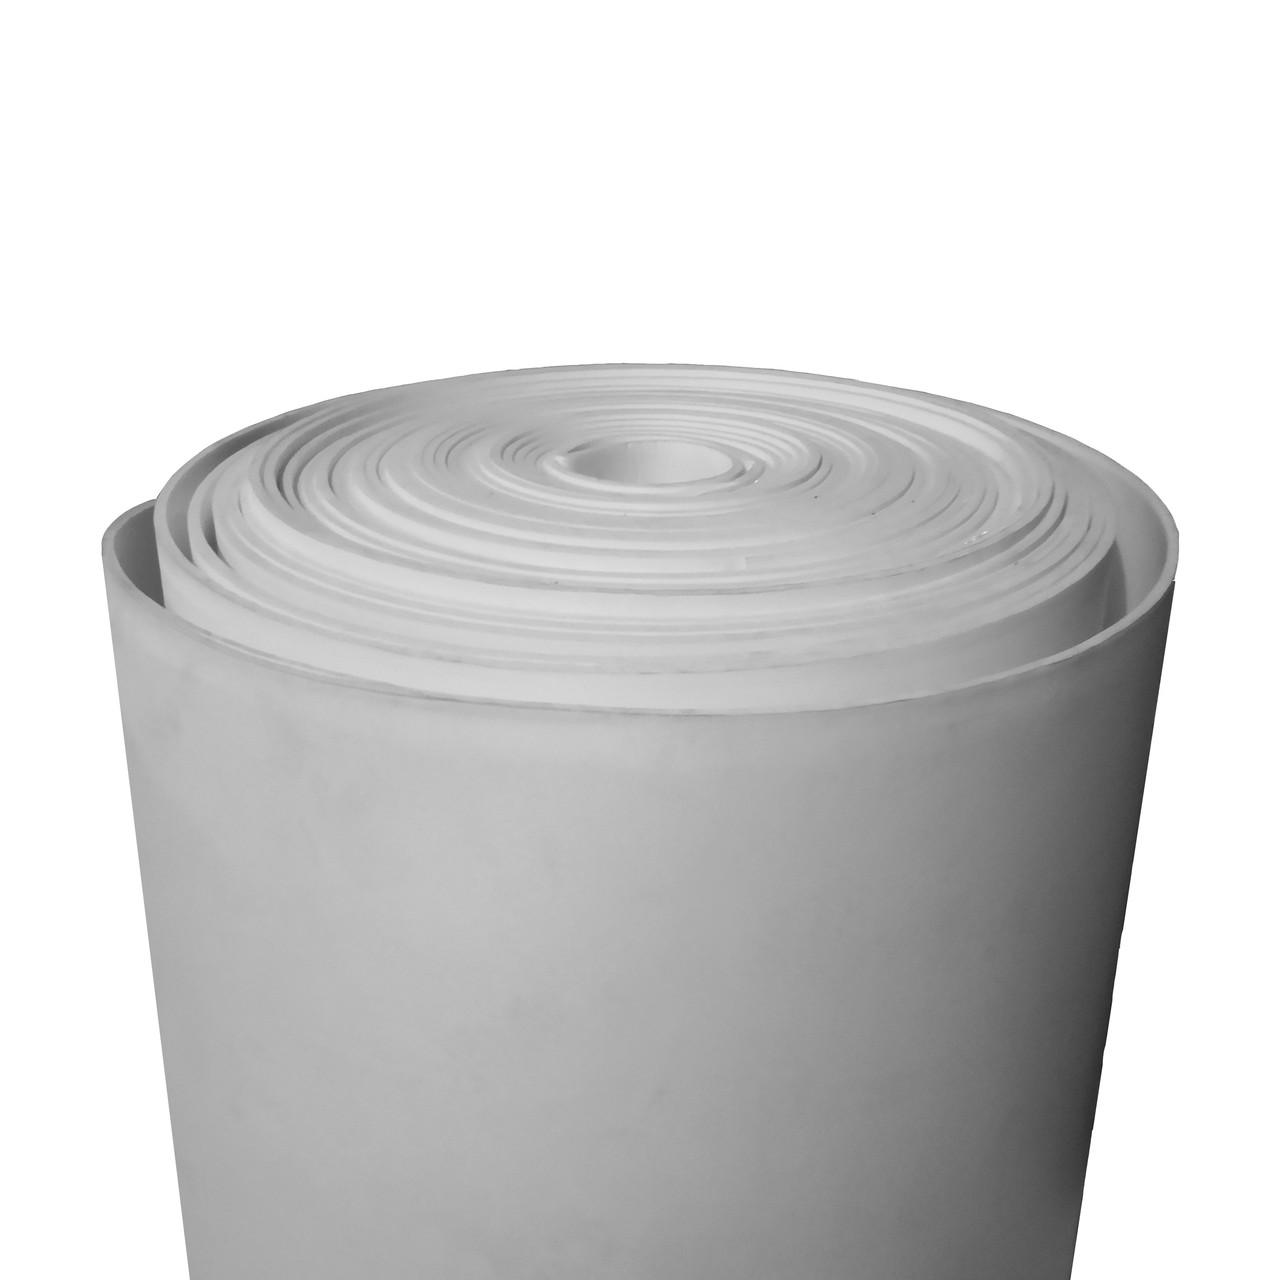 Физически сшитый, вспененный полиэтилен 10 мм